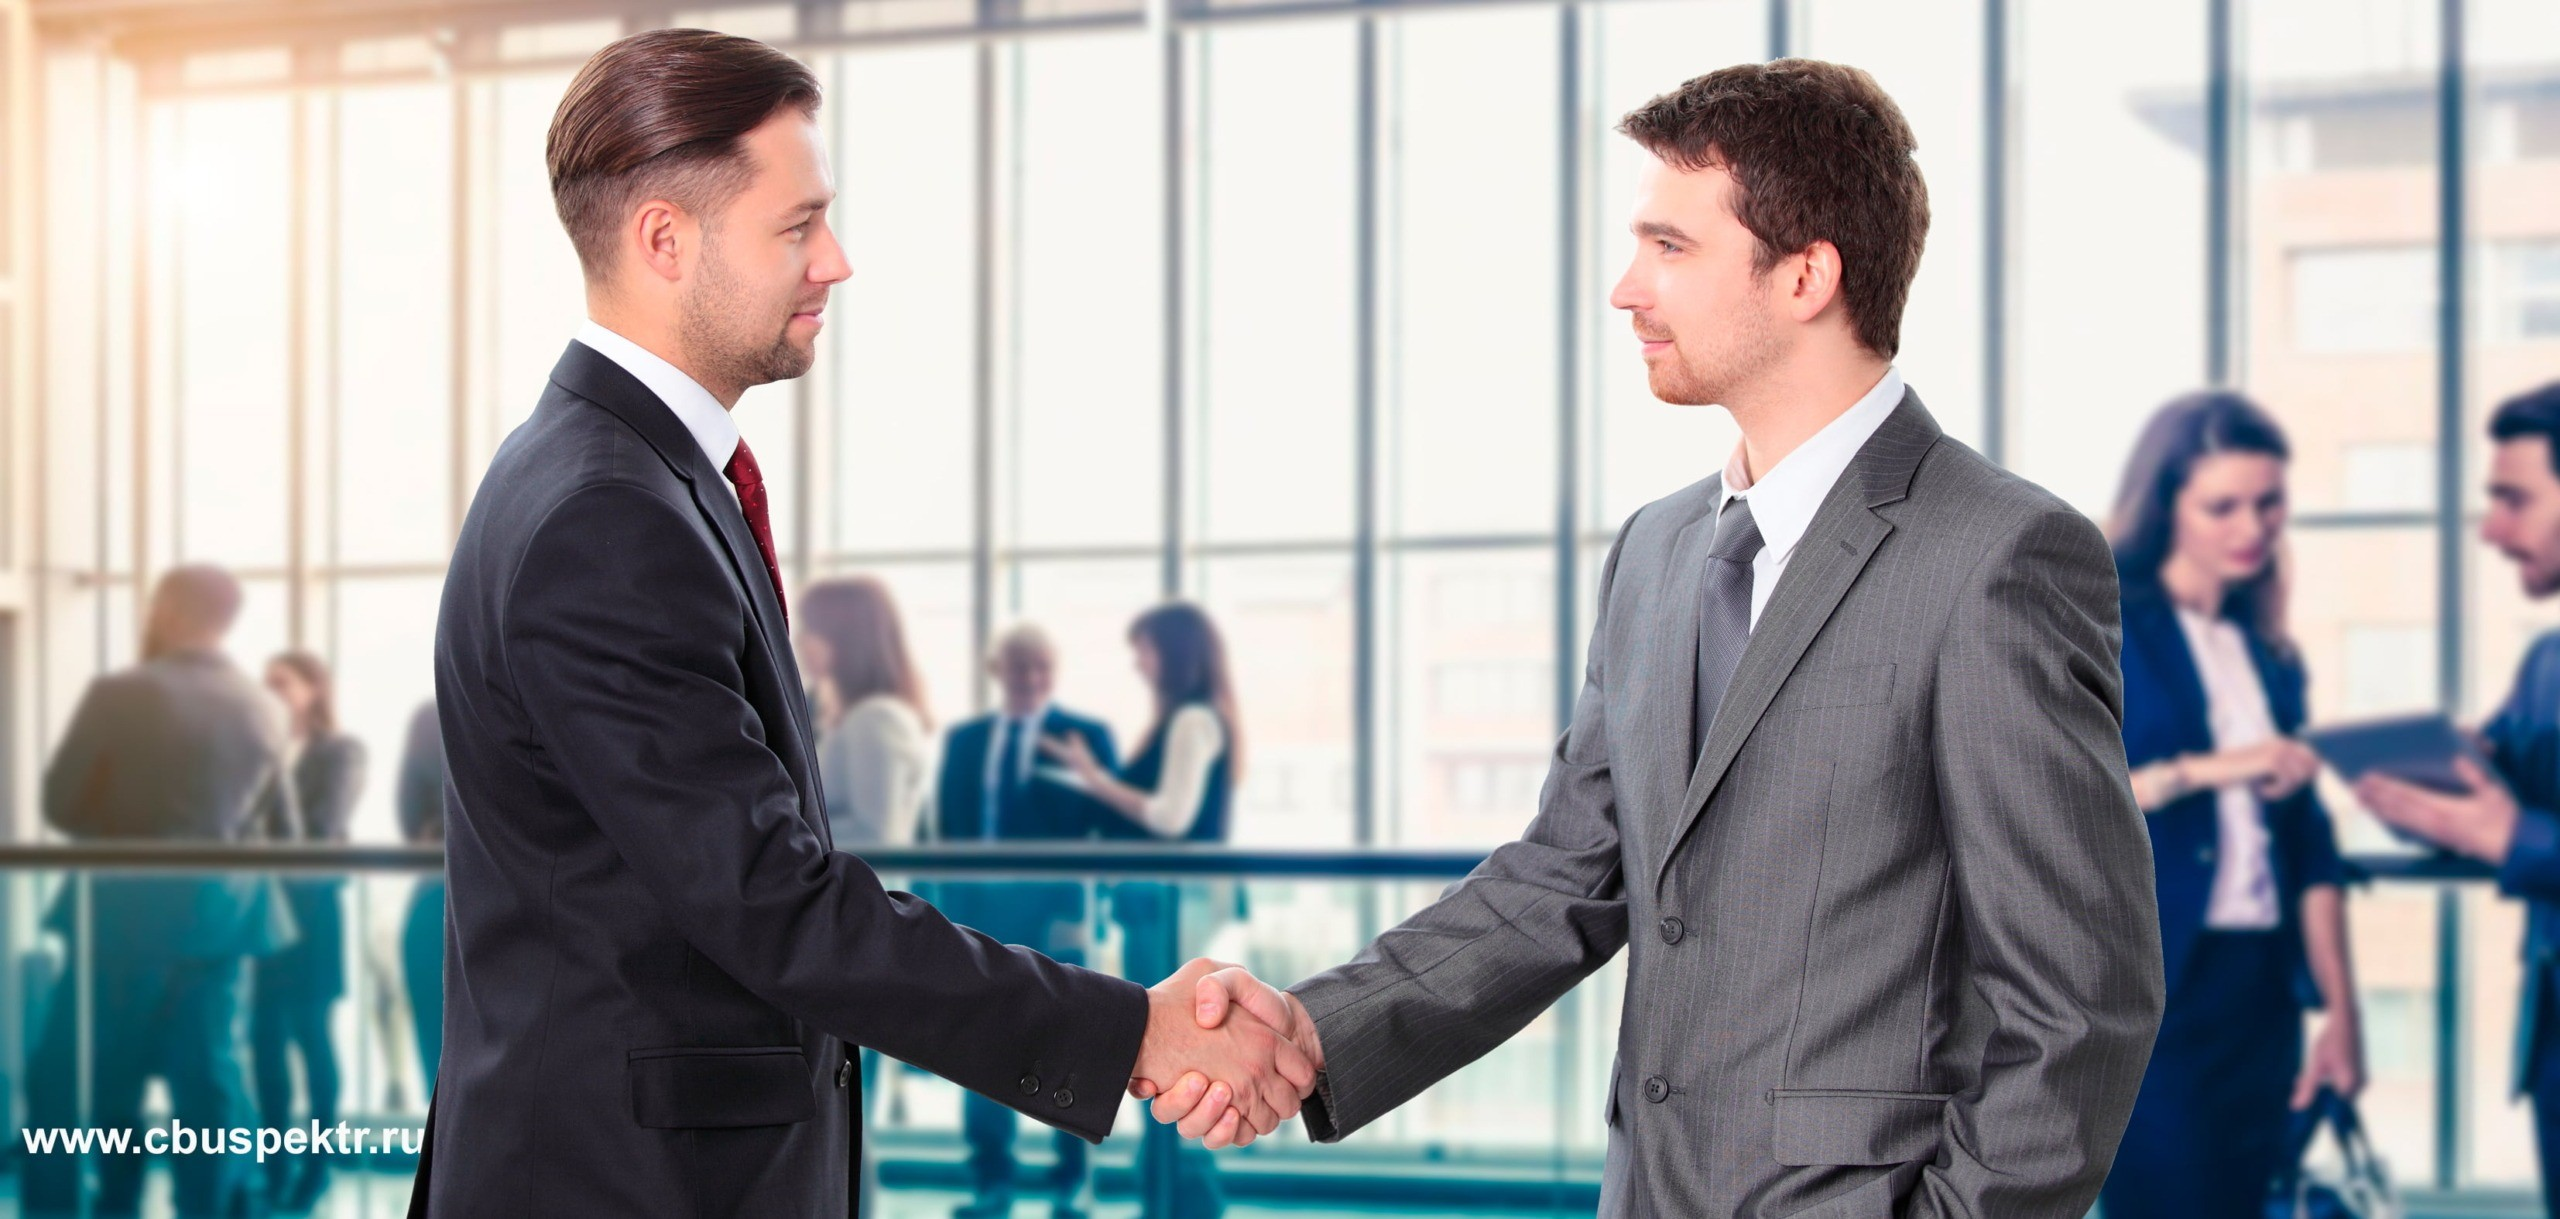 Предприниматели жмут руки дуг другу